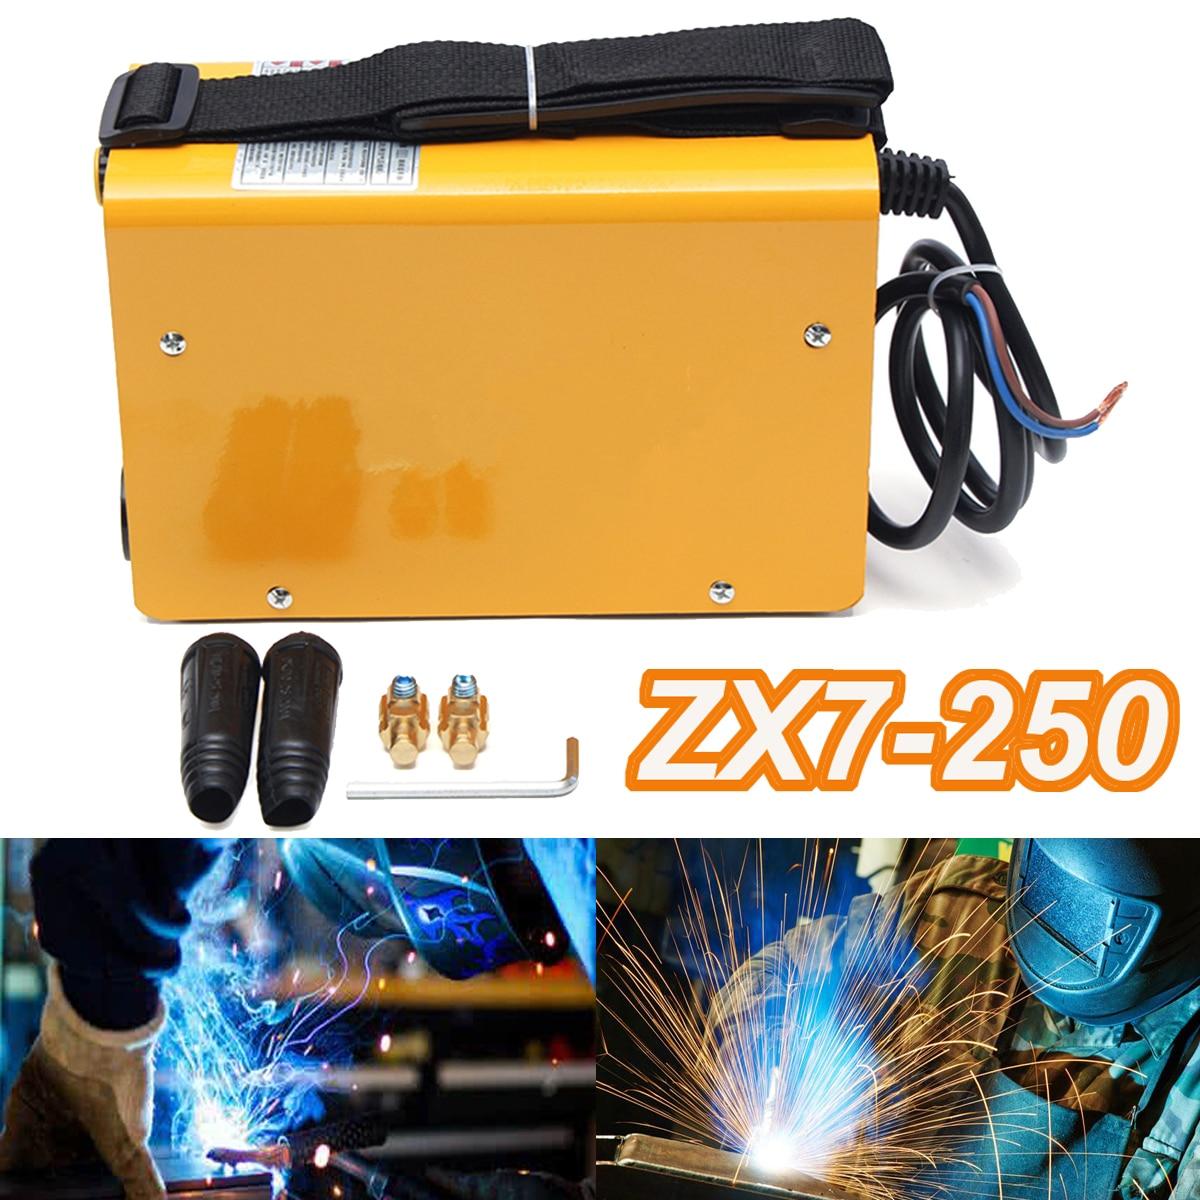 ZX7-250 220 v Mini Électrique Machine De Soudage Portable Soudure 40 w 20-250A IGBT Onduleur À Souder Outil ARC De Soudage de Travail